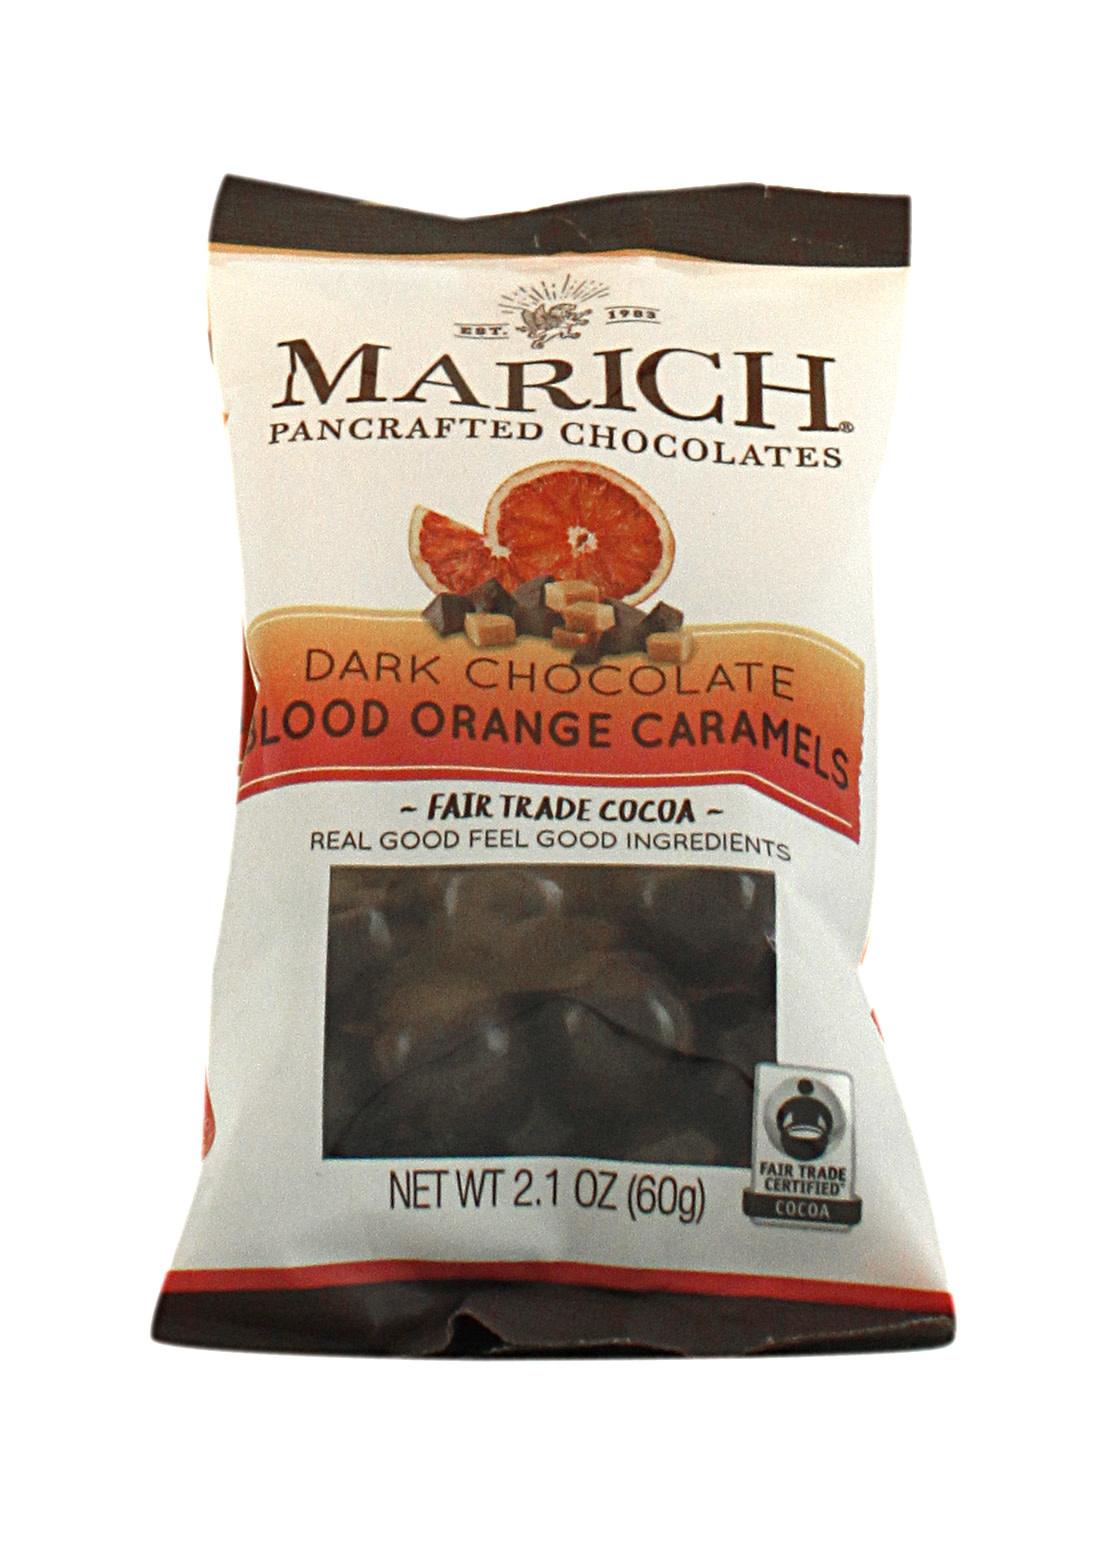 Marich Dark Chocolate Blood Orange Caramels 2.1 oz